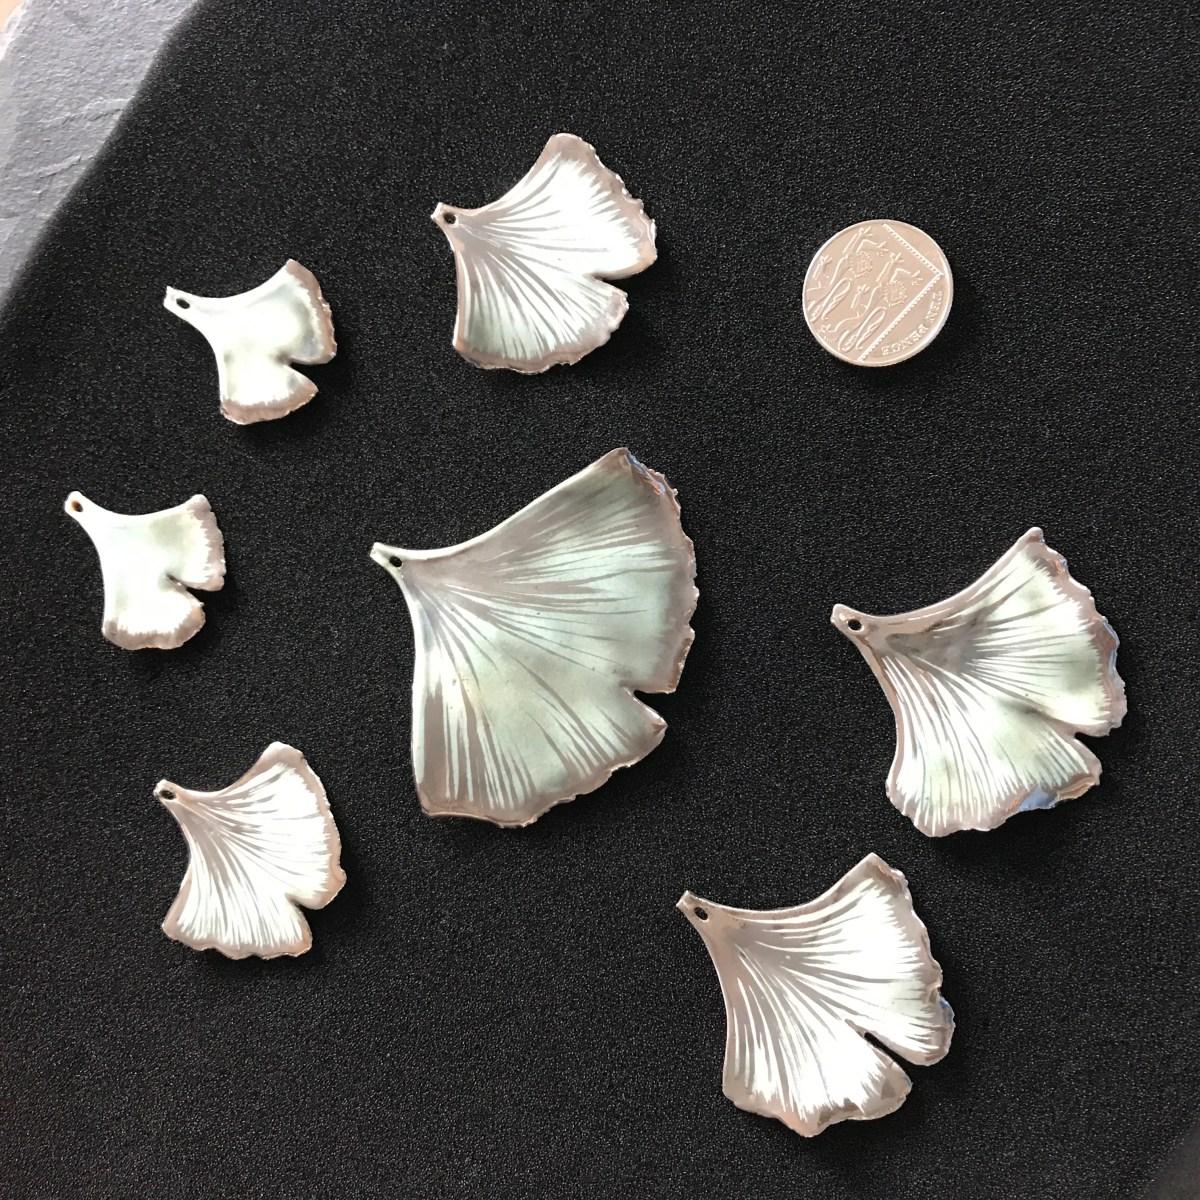 Sizes of Ginkgo Leaf Jewellery